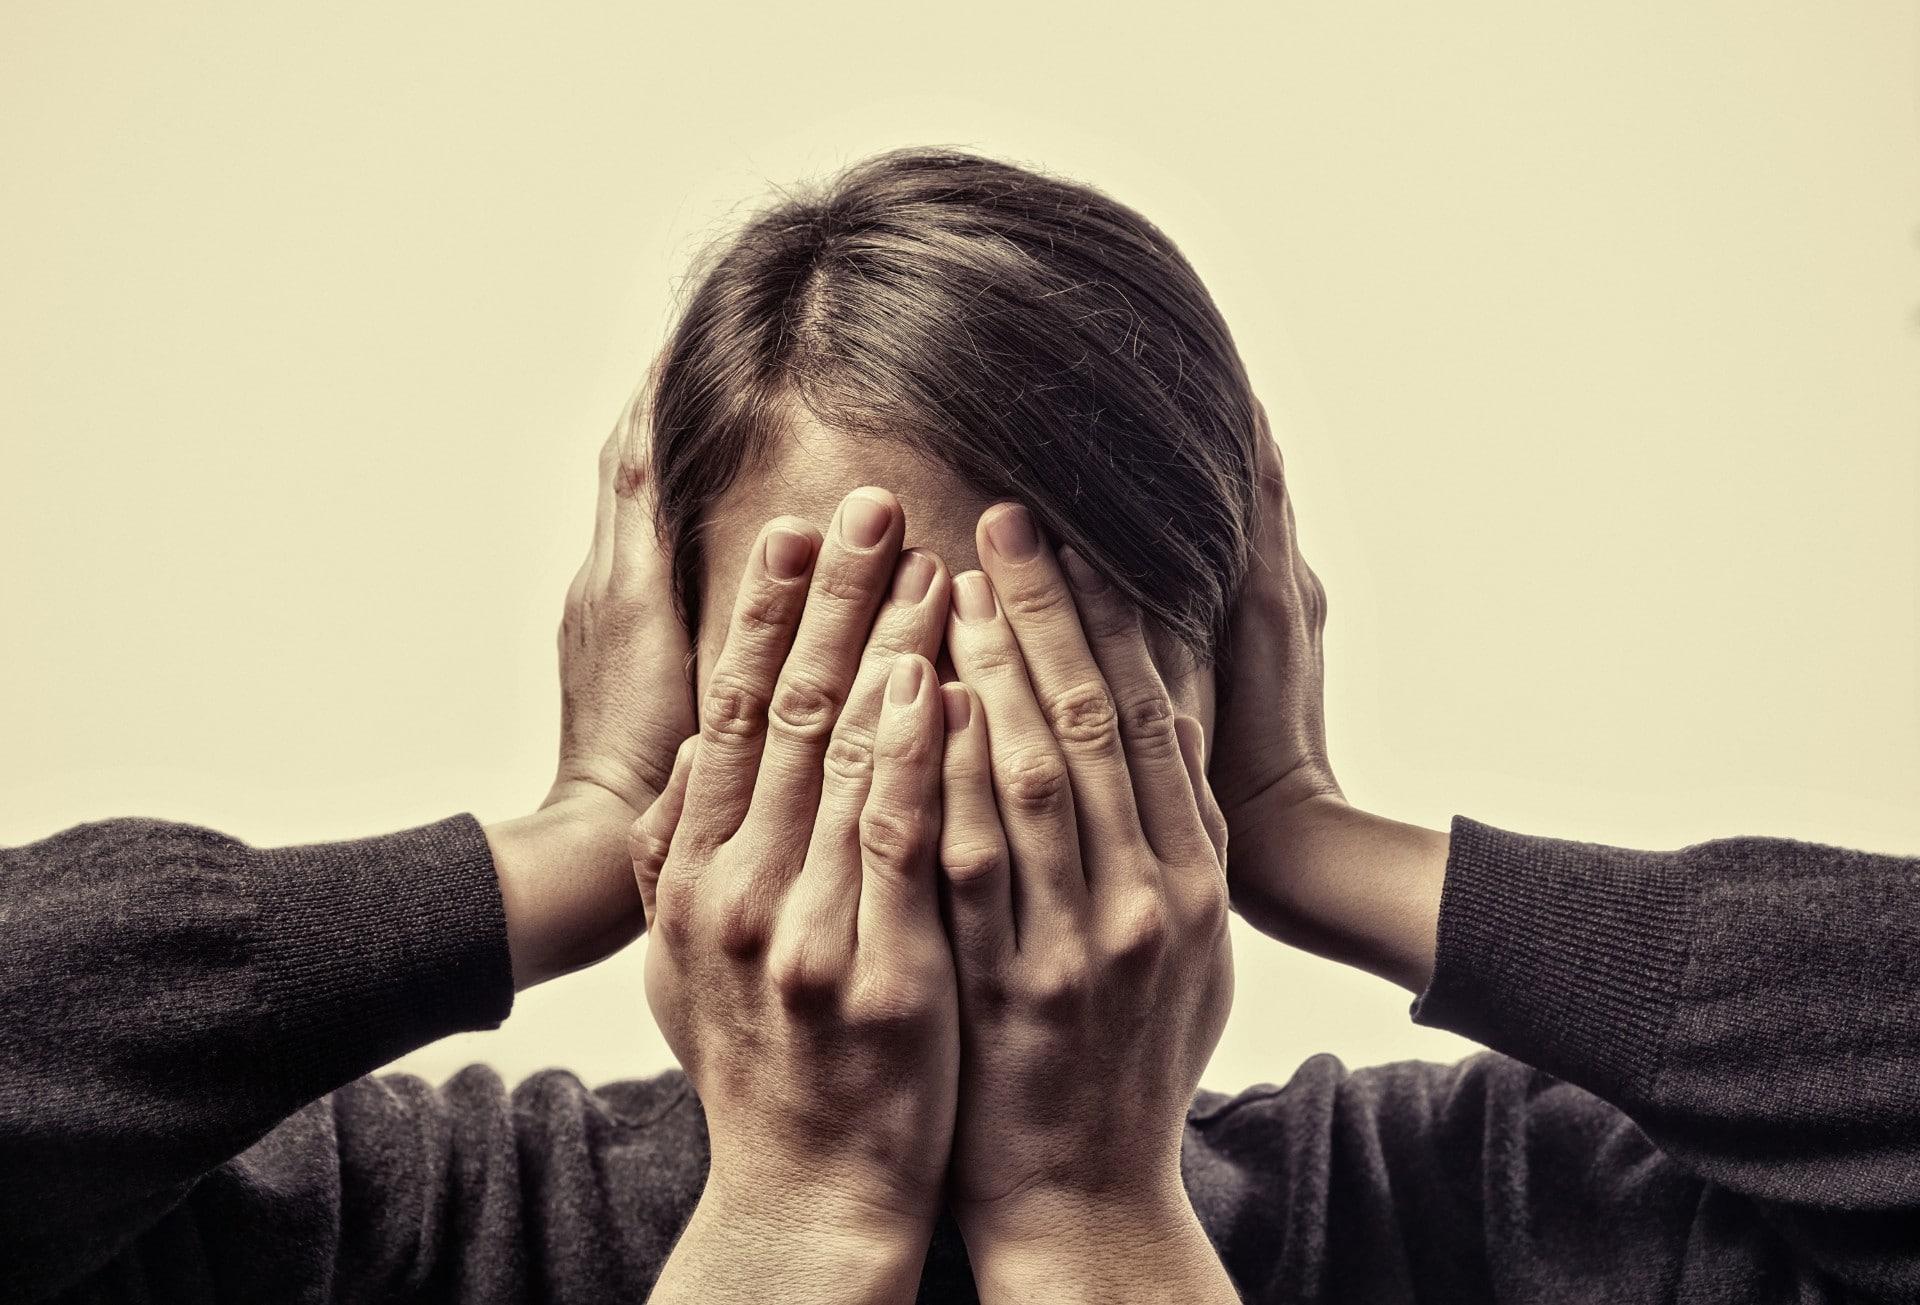 על עומס ולחץ כלכלי, מה בדרך כלל עושים ומה כדאי לעשות